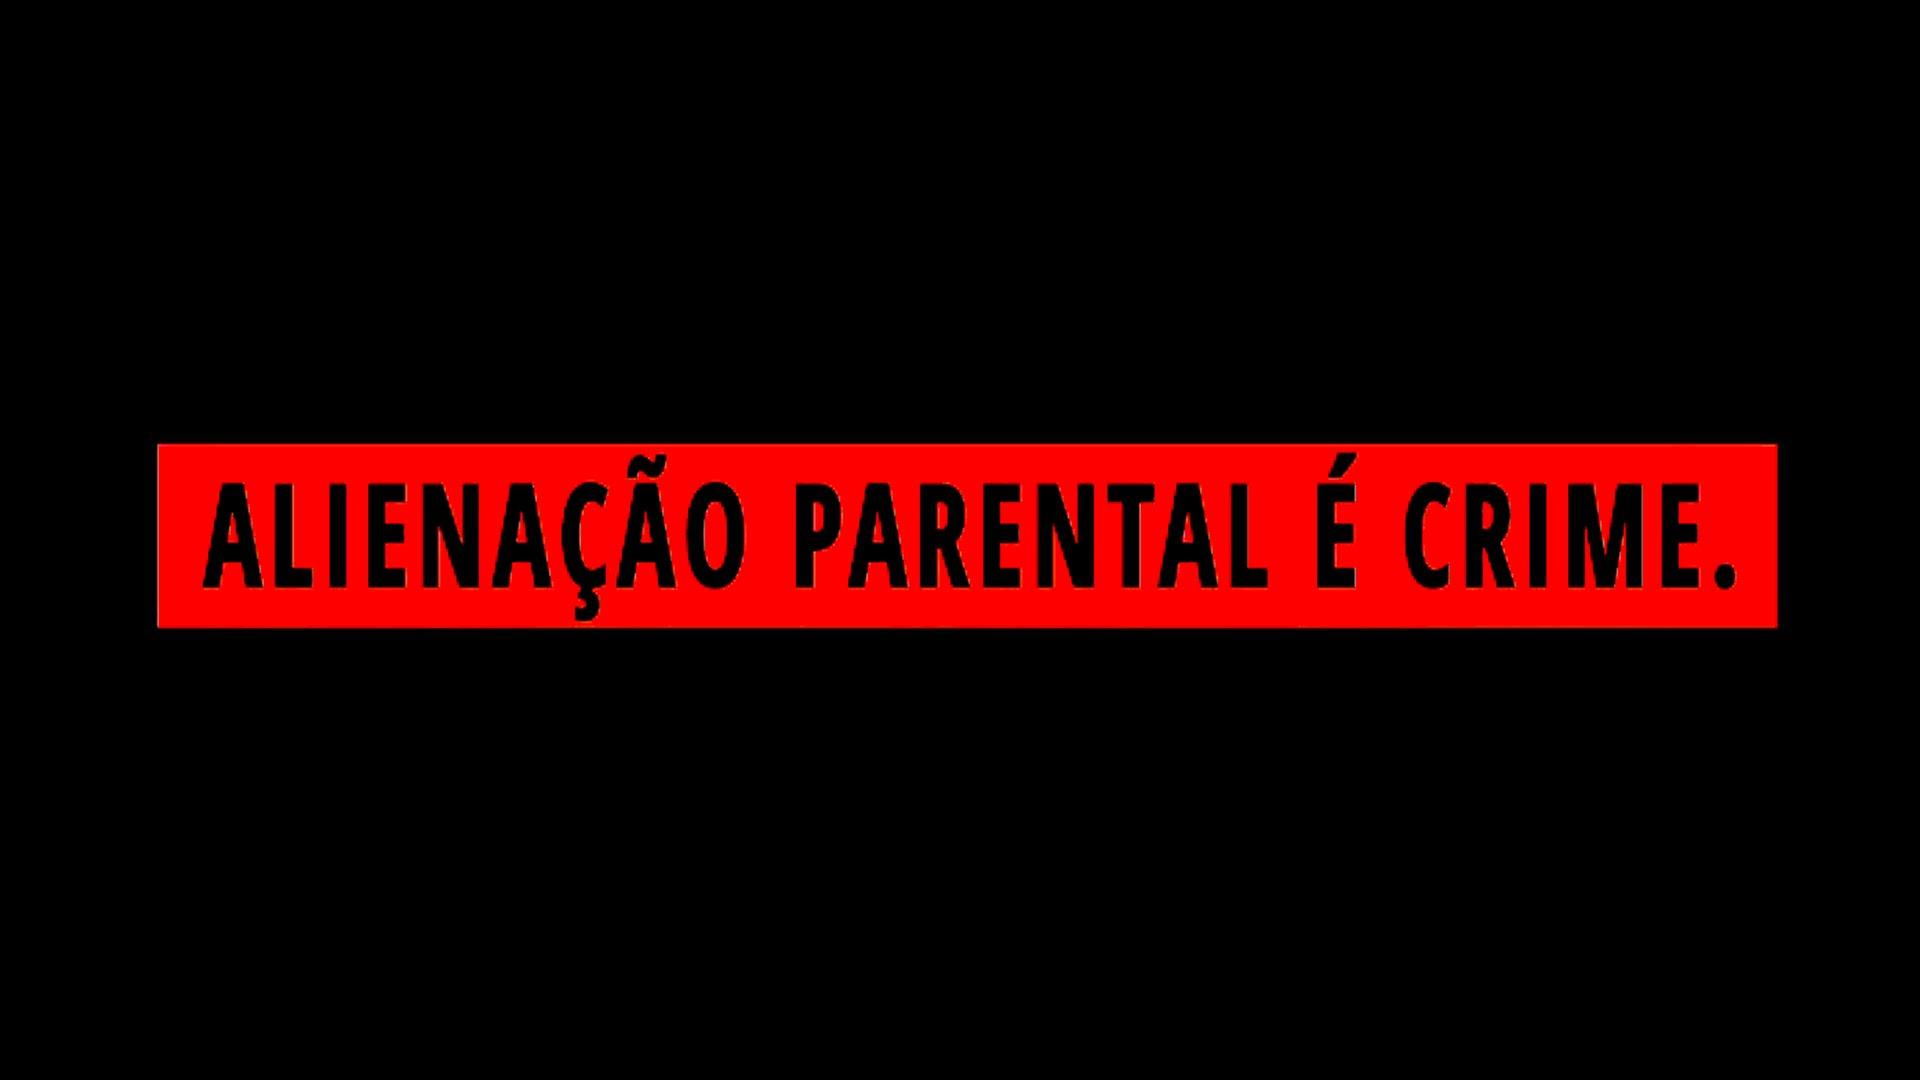 Alienação Parental, saiba mais sobre essa prática criminosa